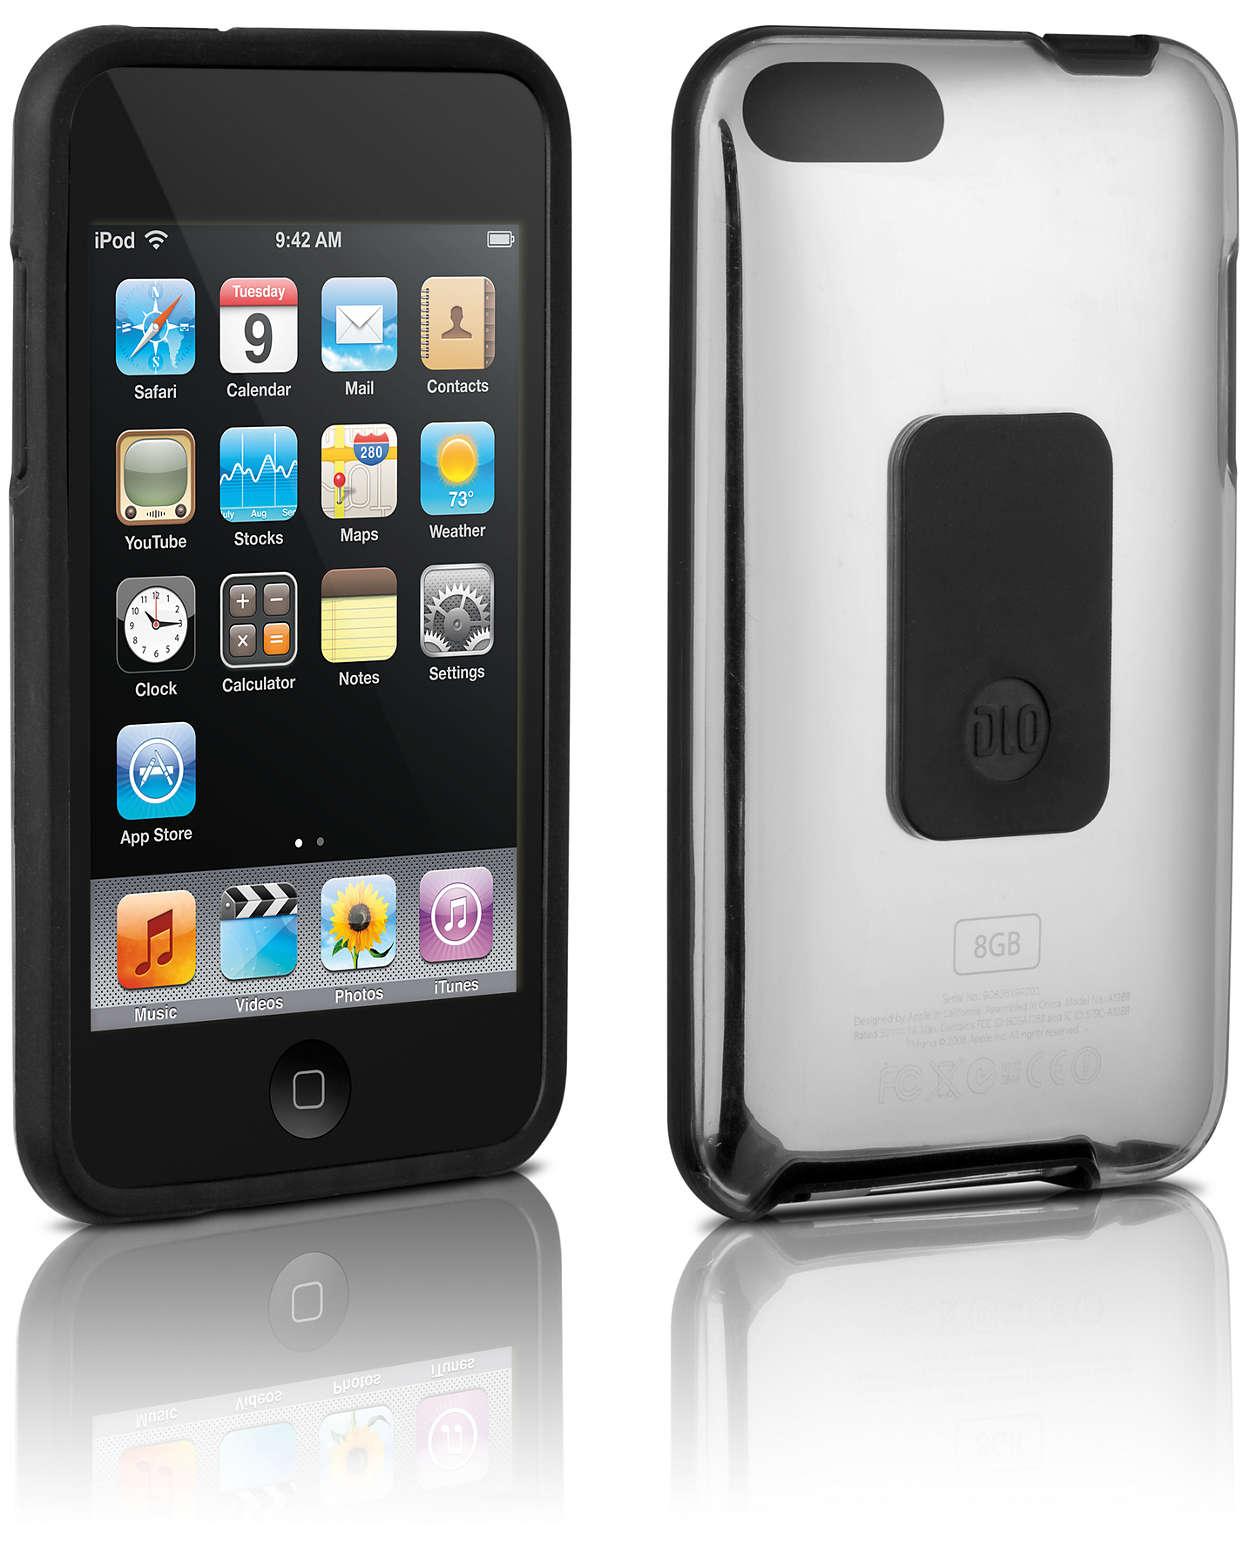 Proteggi il tuo iPod in una custodia rigida